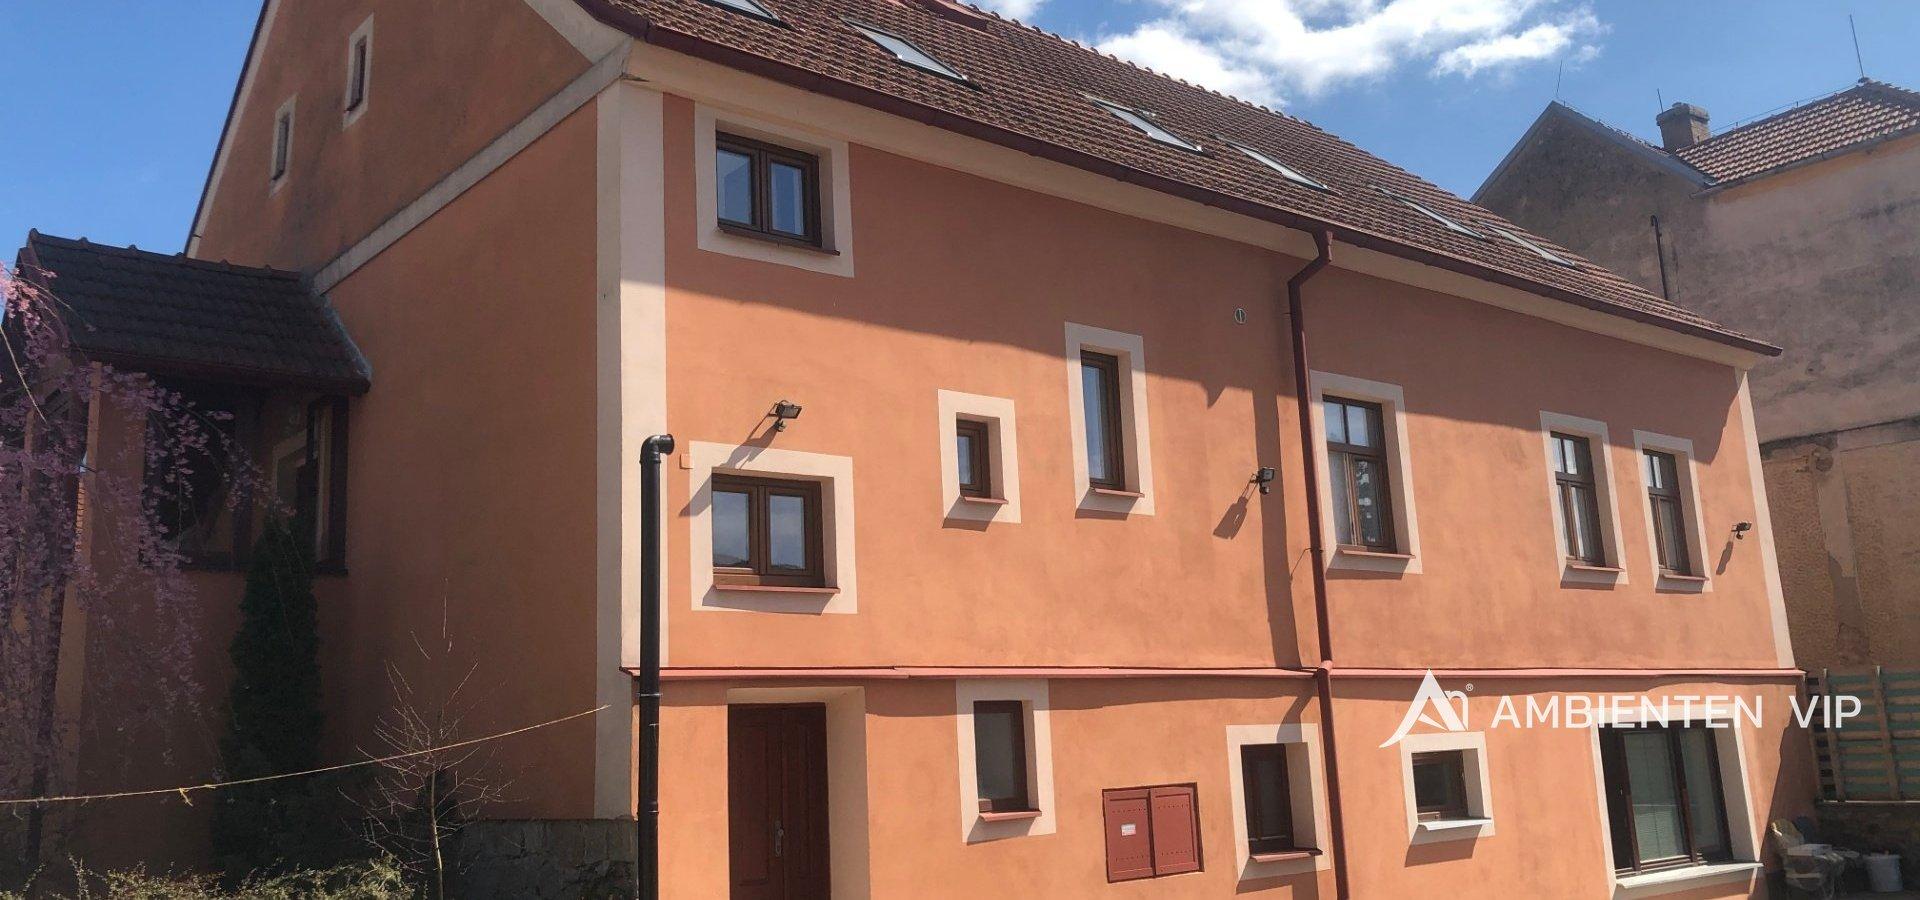 prodej-rodinneho-domu-na-bydleni-i-investici-477m2-telc-img-6133-067982